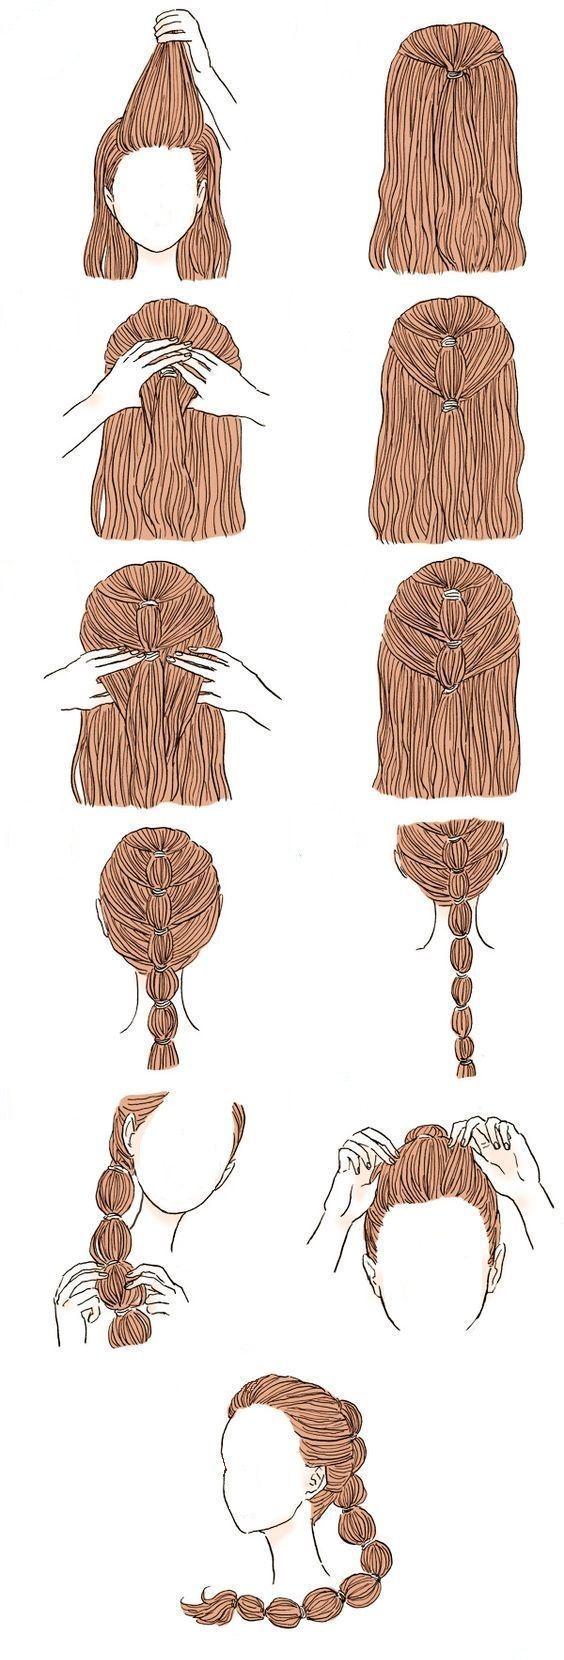 lange haare modelle – Peinado prom #end ball #short models #lange #p